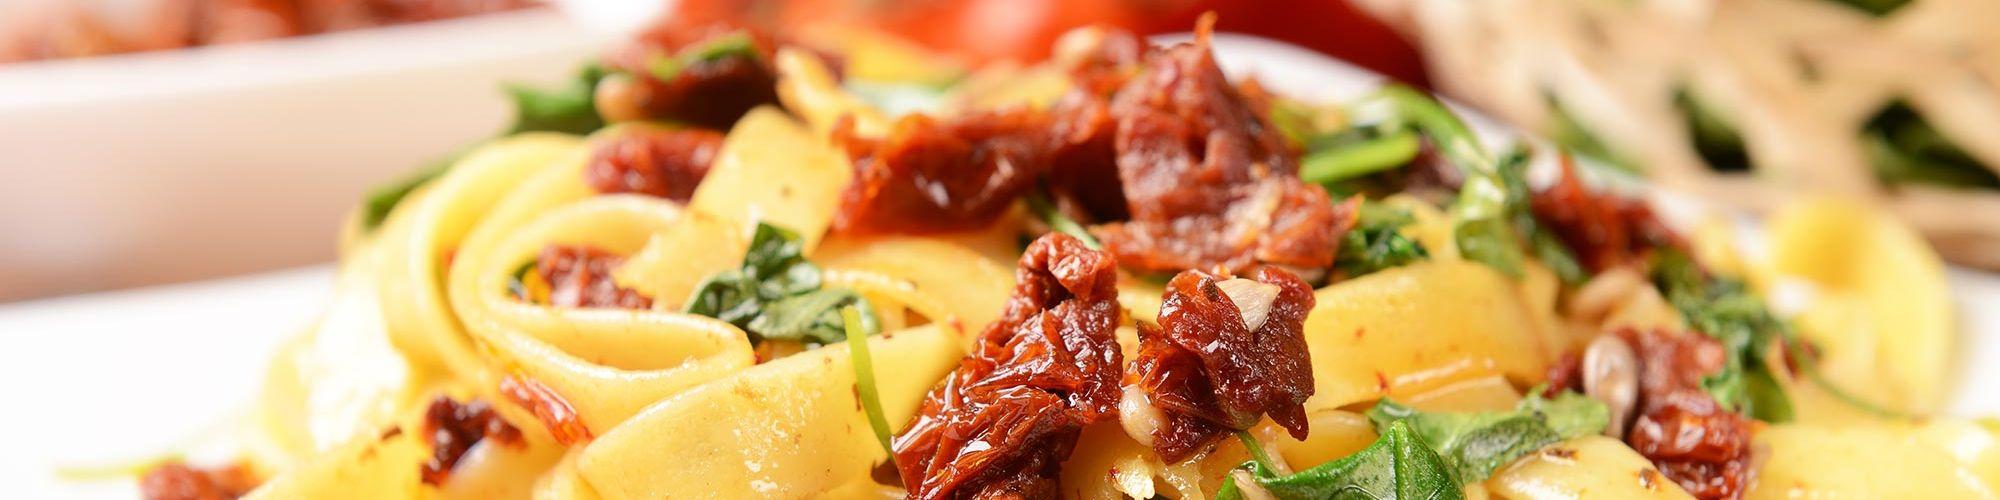 ricetta Tagliatelle con pomodori secchi e rucola con pasta fresca